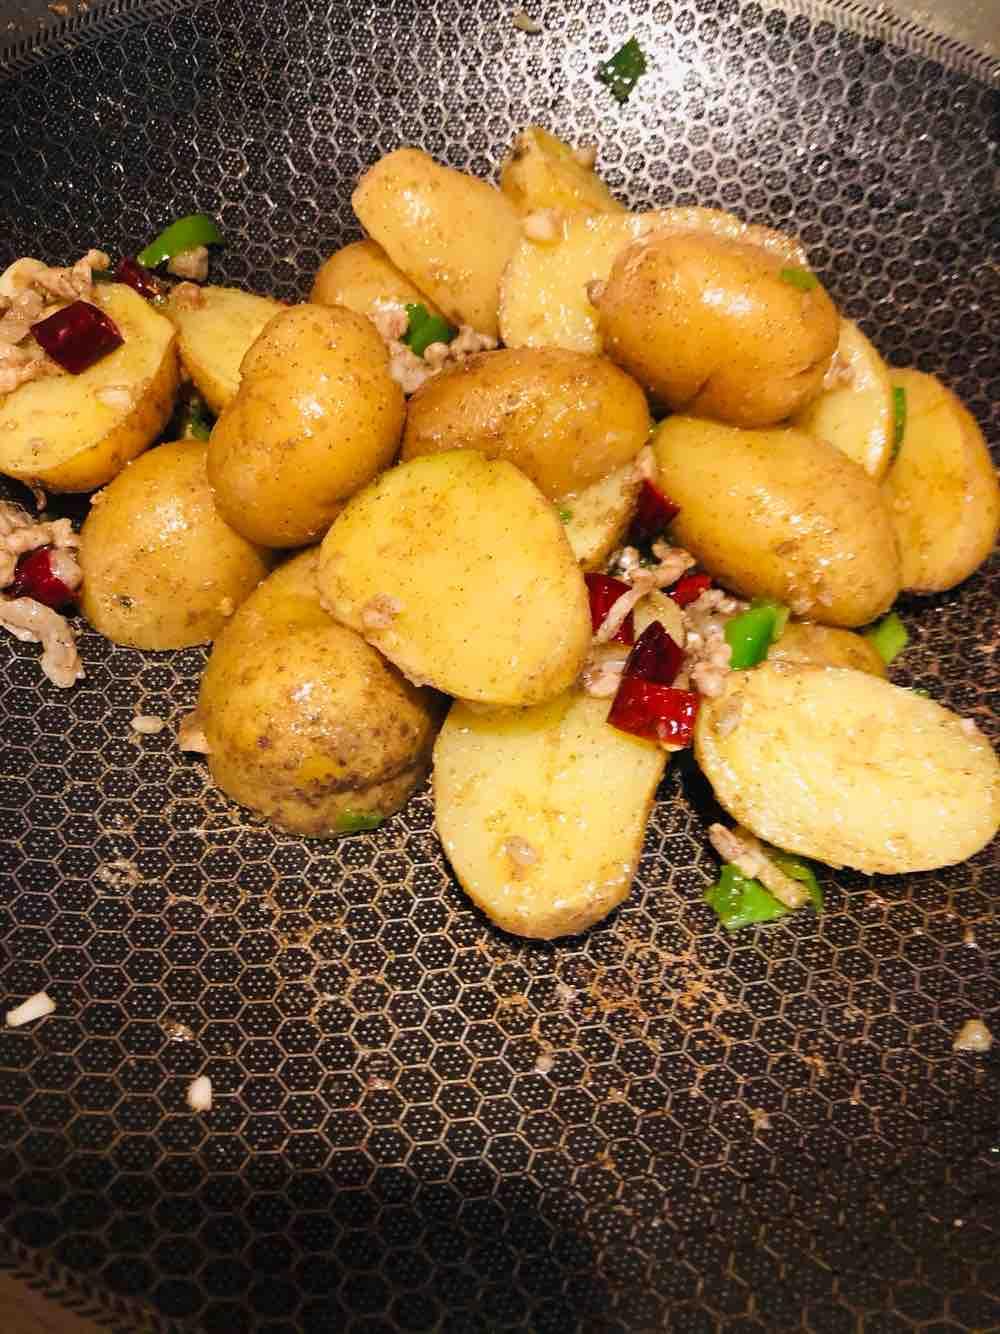 孜然椒盐小土豆的简单做法